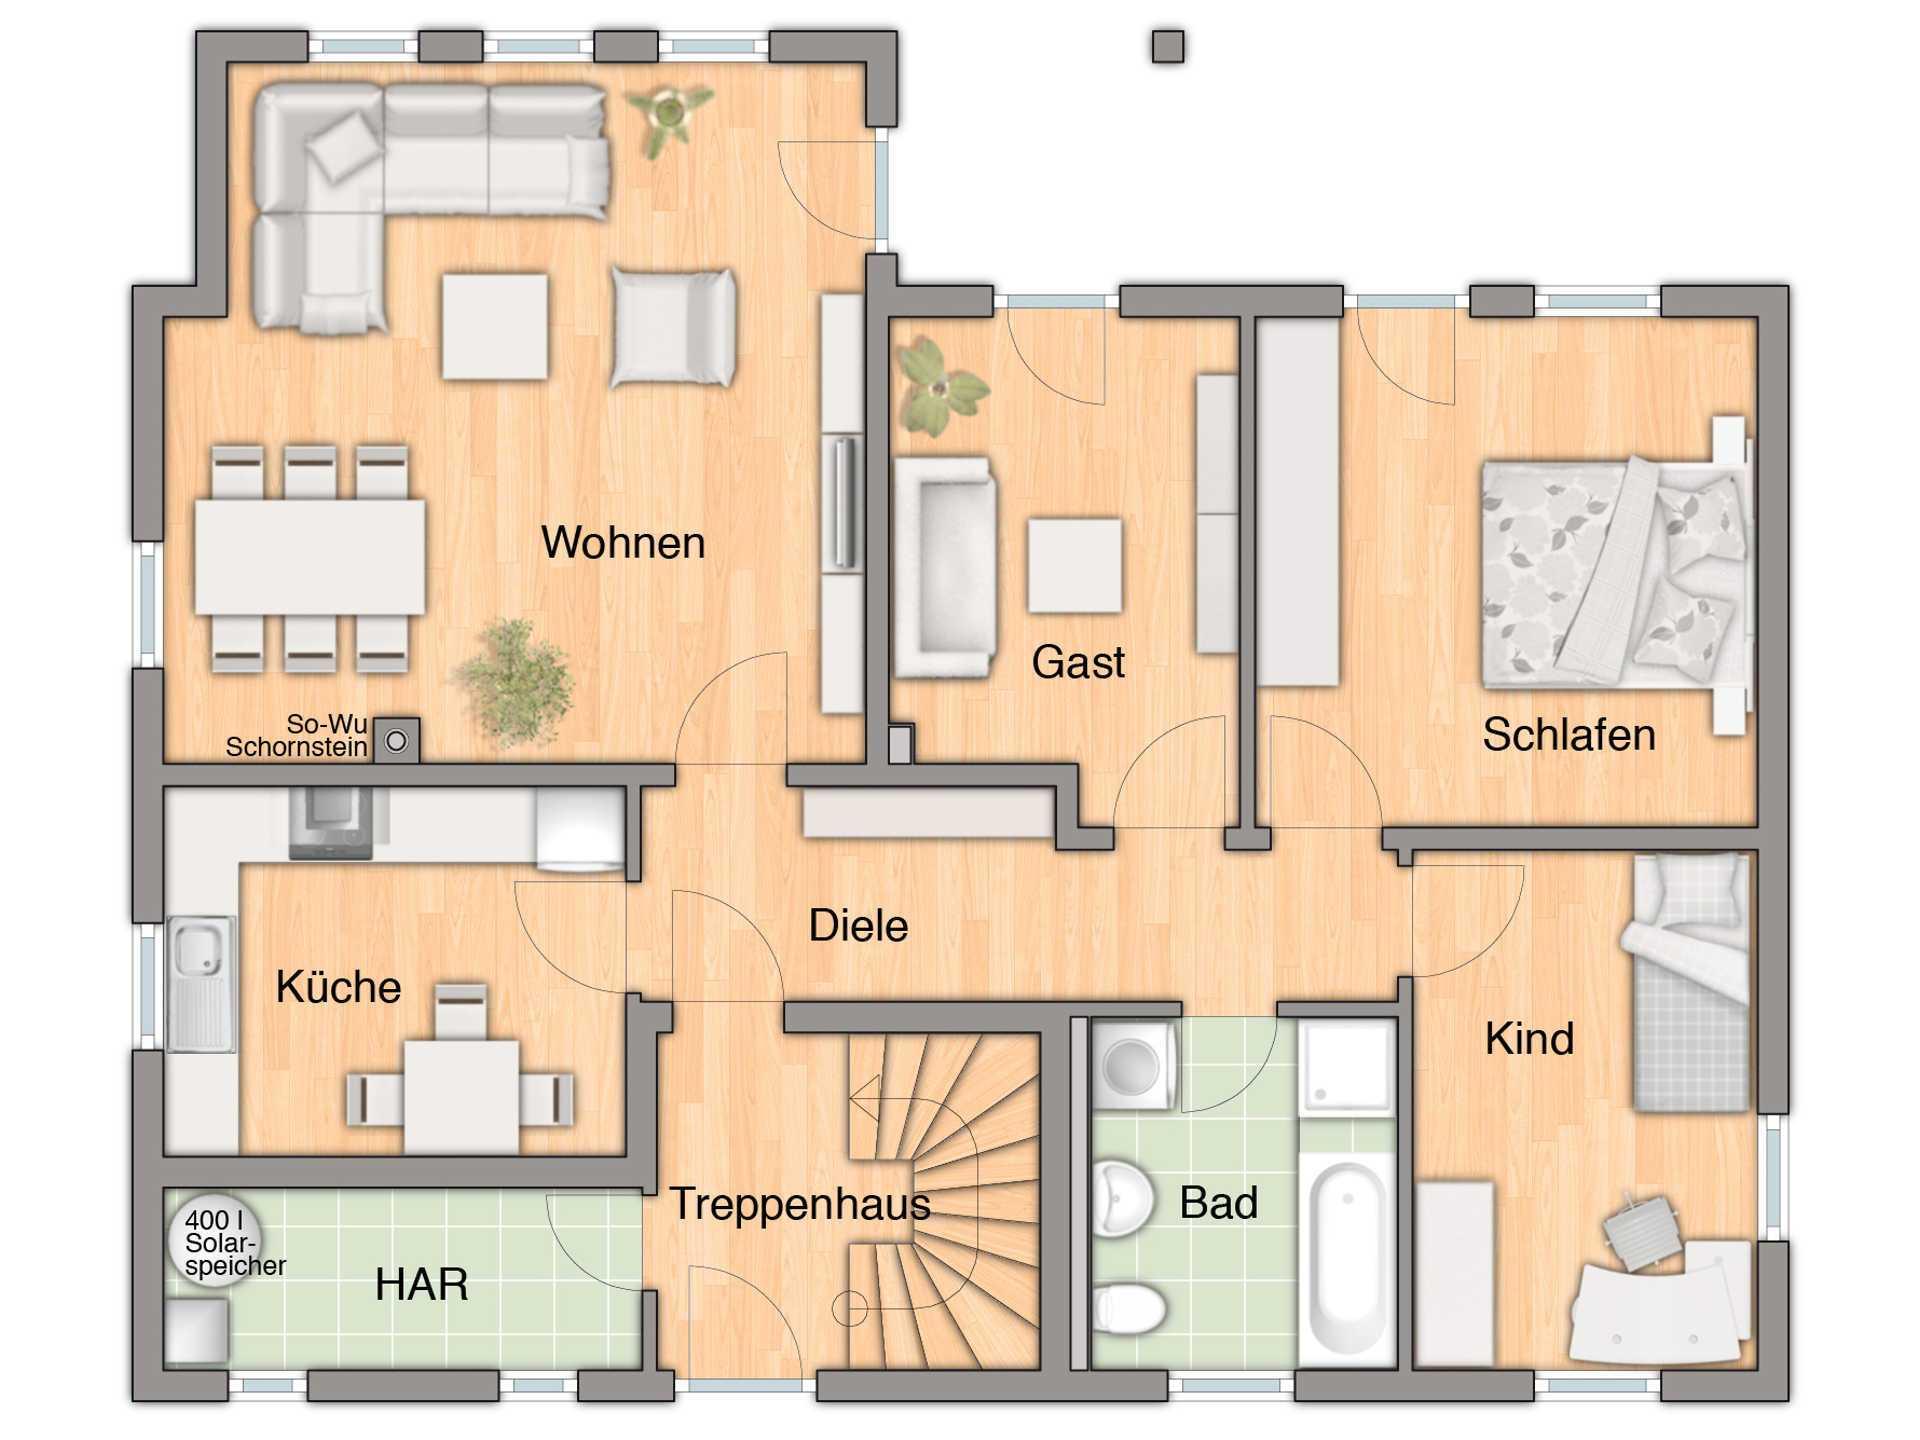 Haus domizil 192 mit einliegerwohnung town country haus for Haus mit einliegerwohnung grundriss